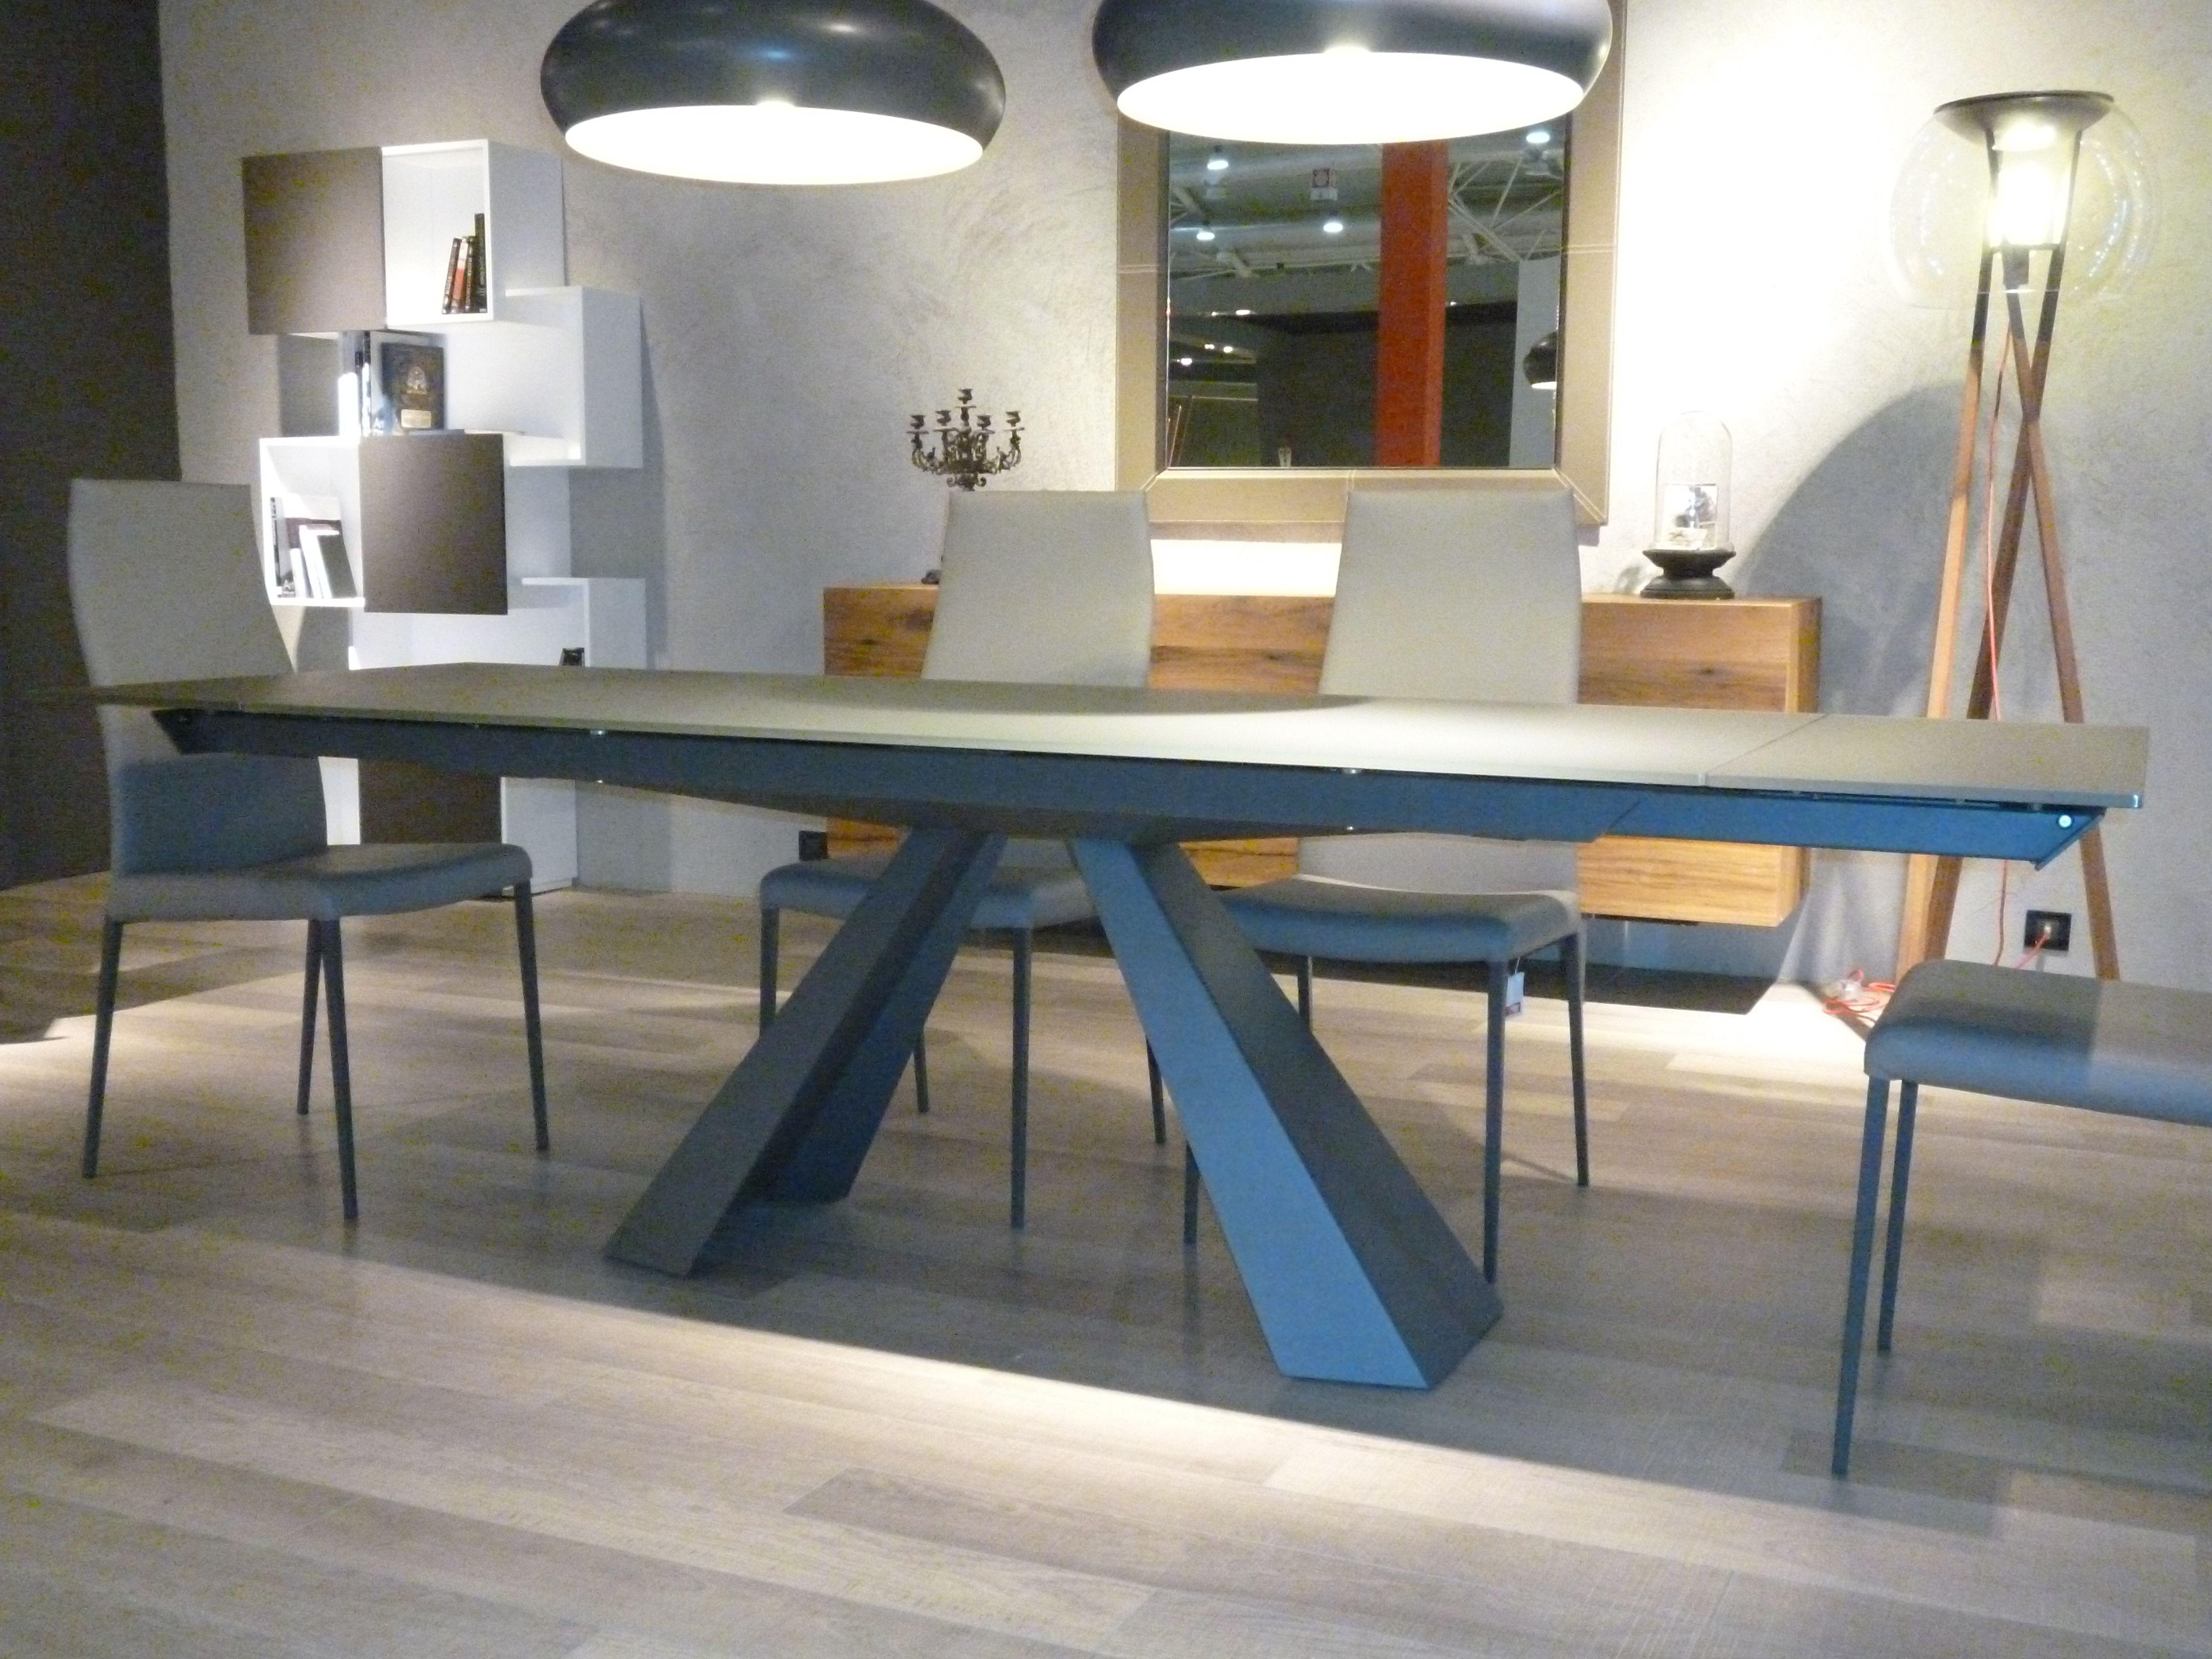 Tavolo Skorpio ~ Moa casa tavolo skorpio con base in acciaio verniciato